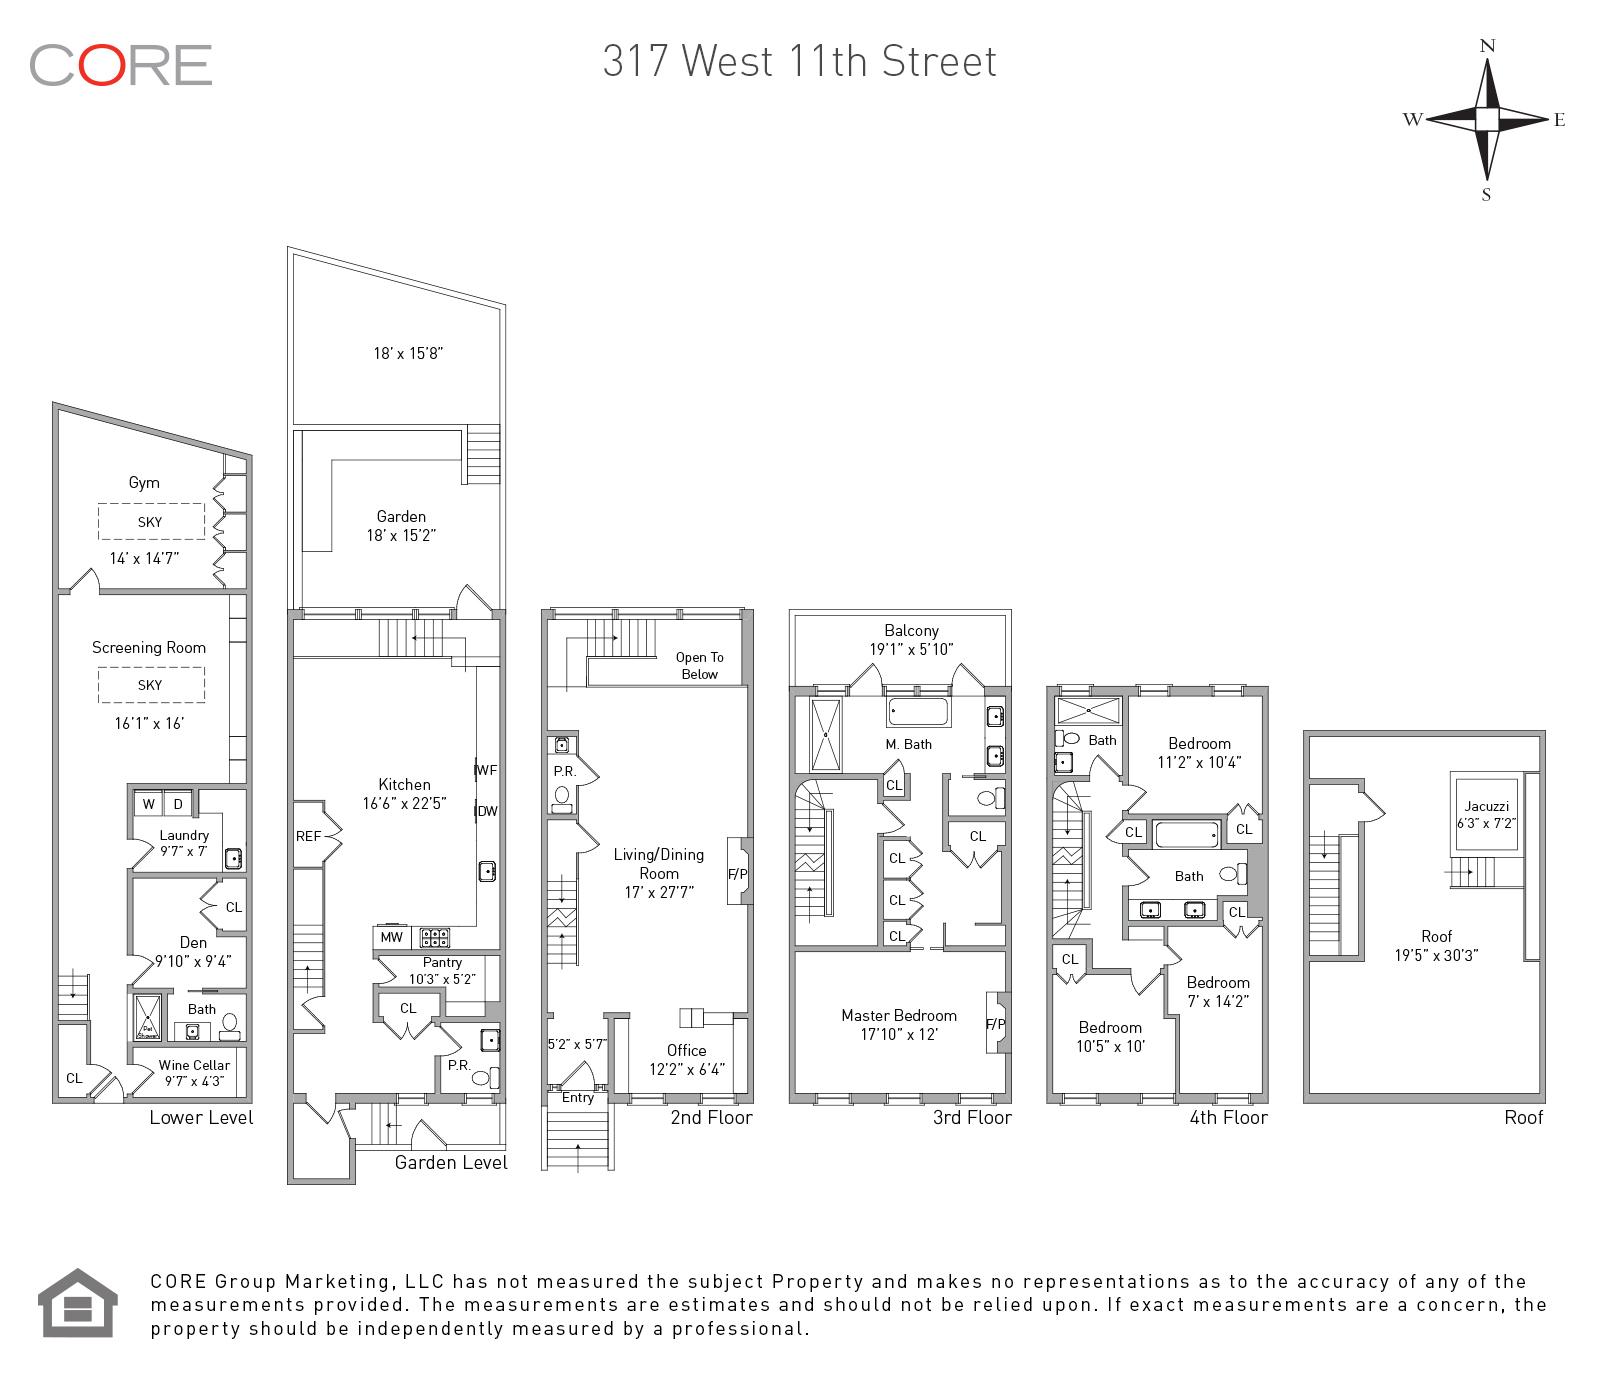 317 West 11th St., New York, NY 10014